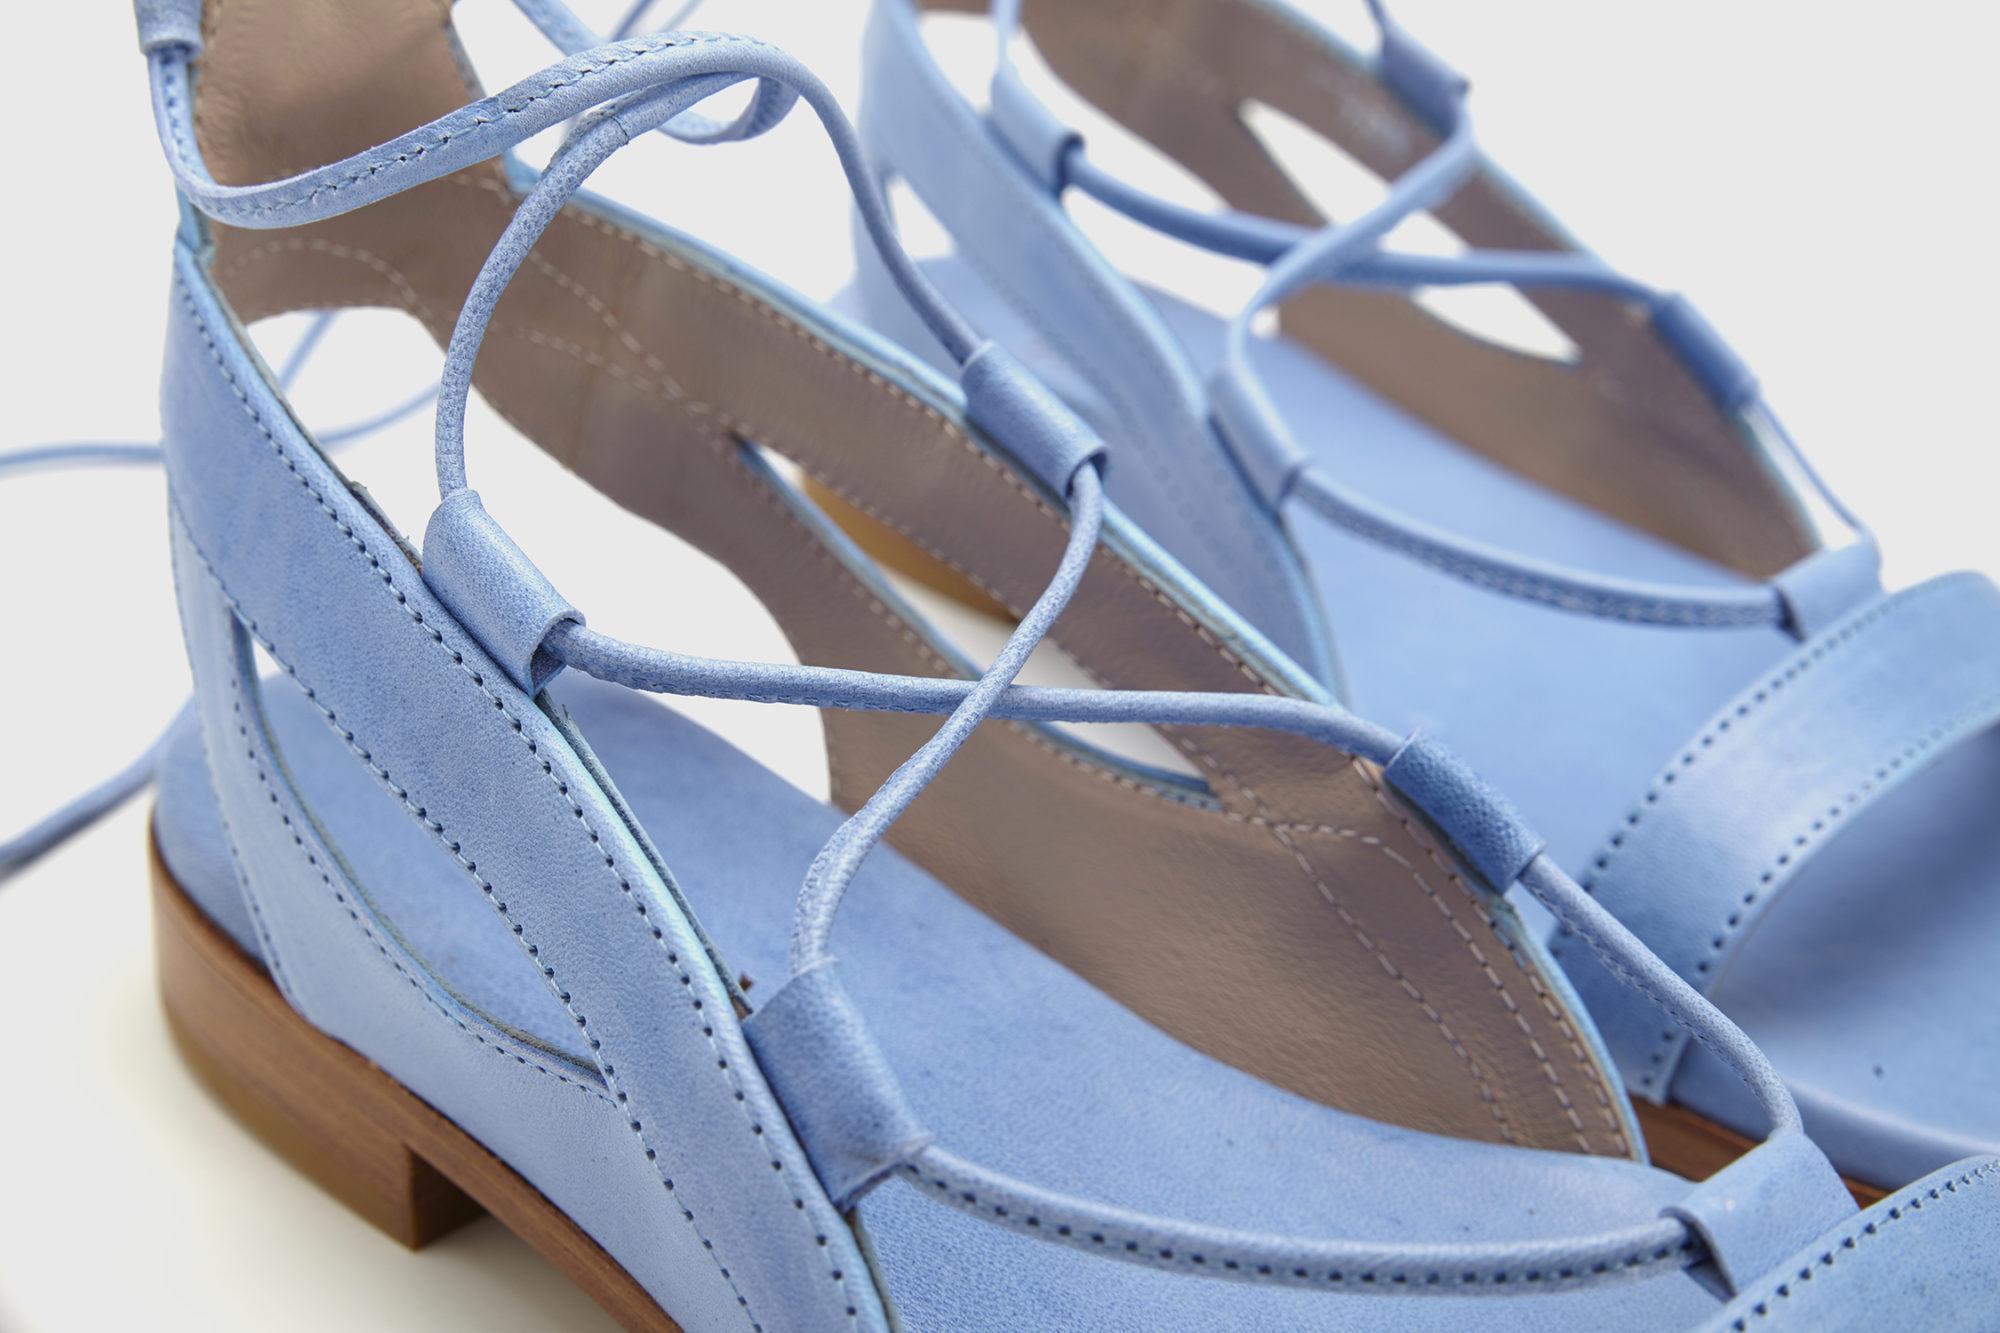 Dorotea sandalia plana Alia azul ss17 detalle